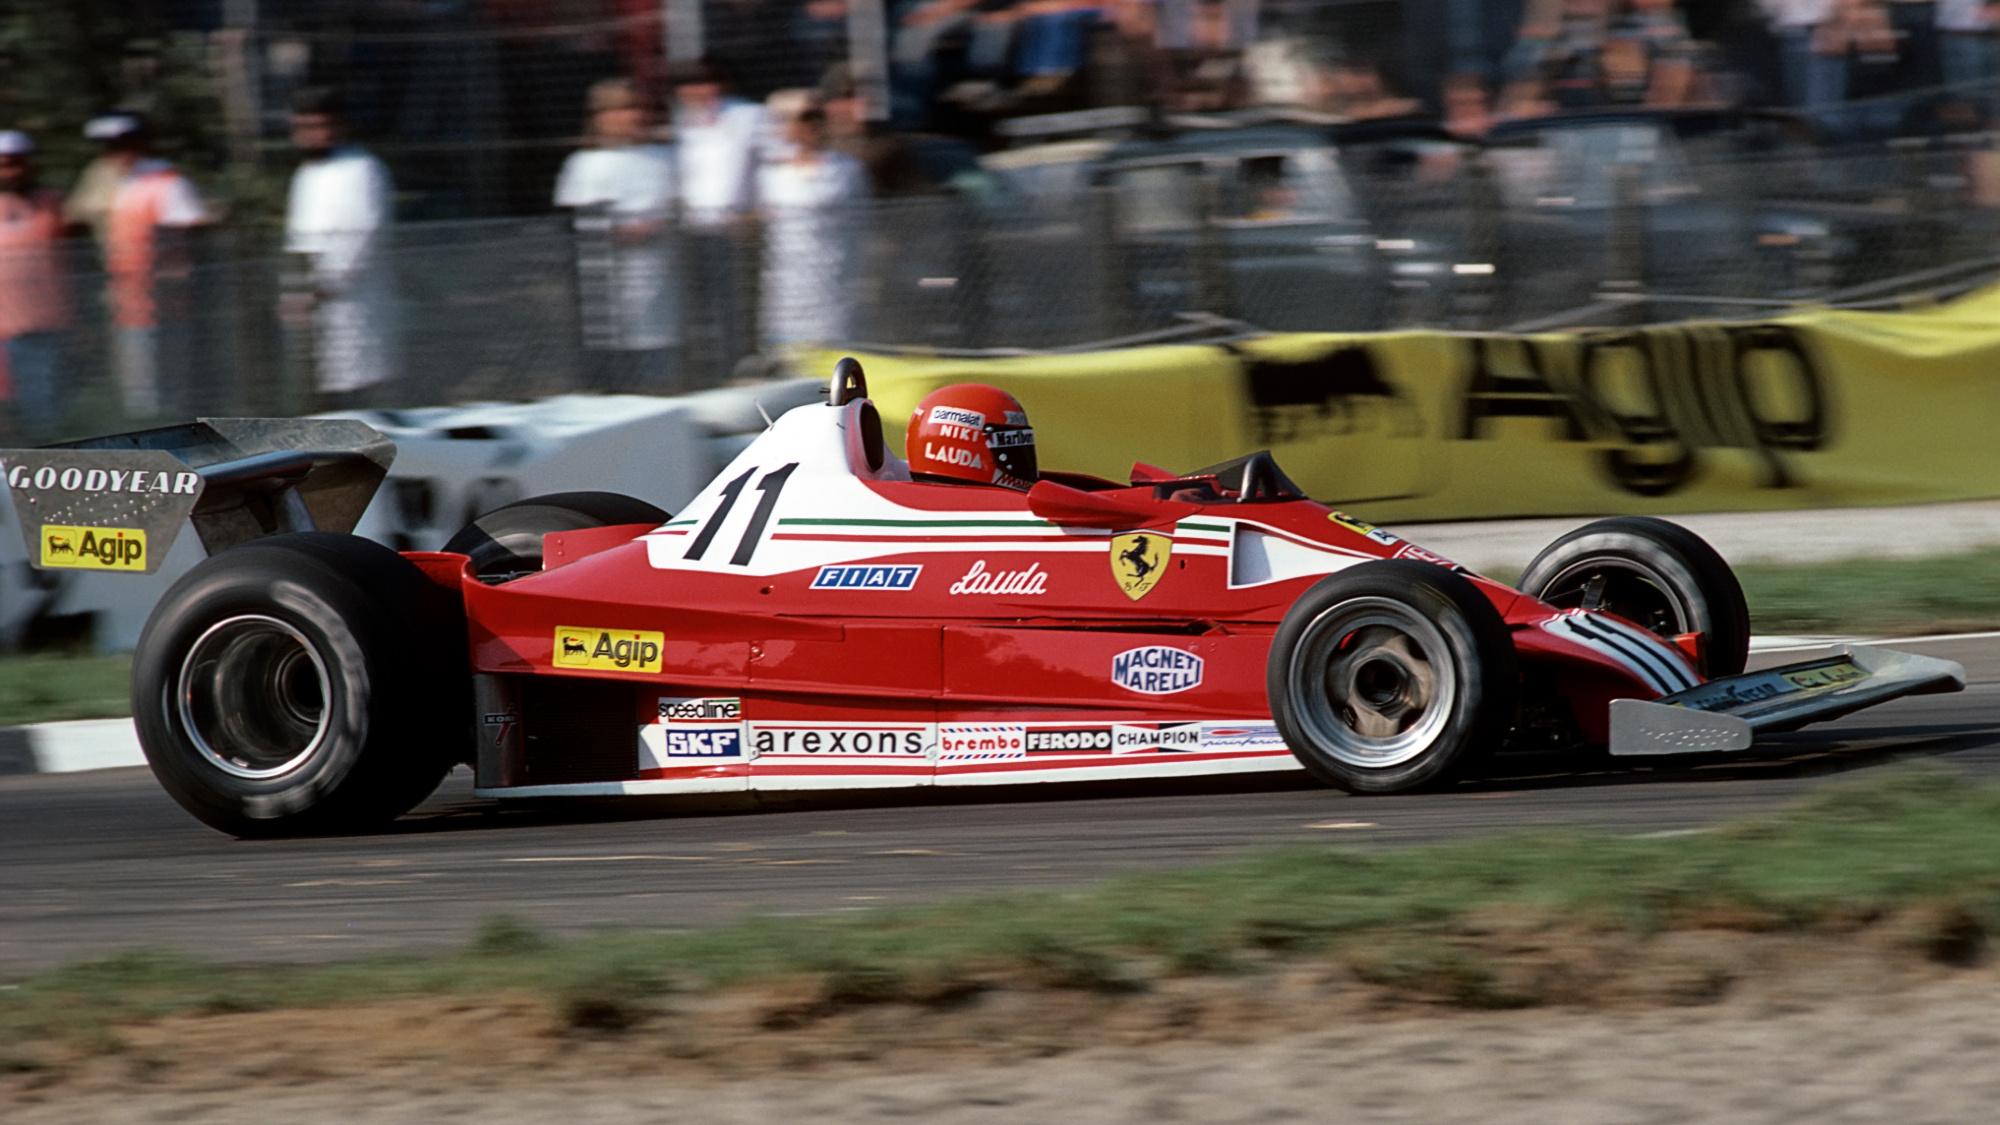 Niki Lauda, 1970 Italian GP